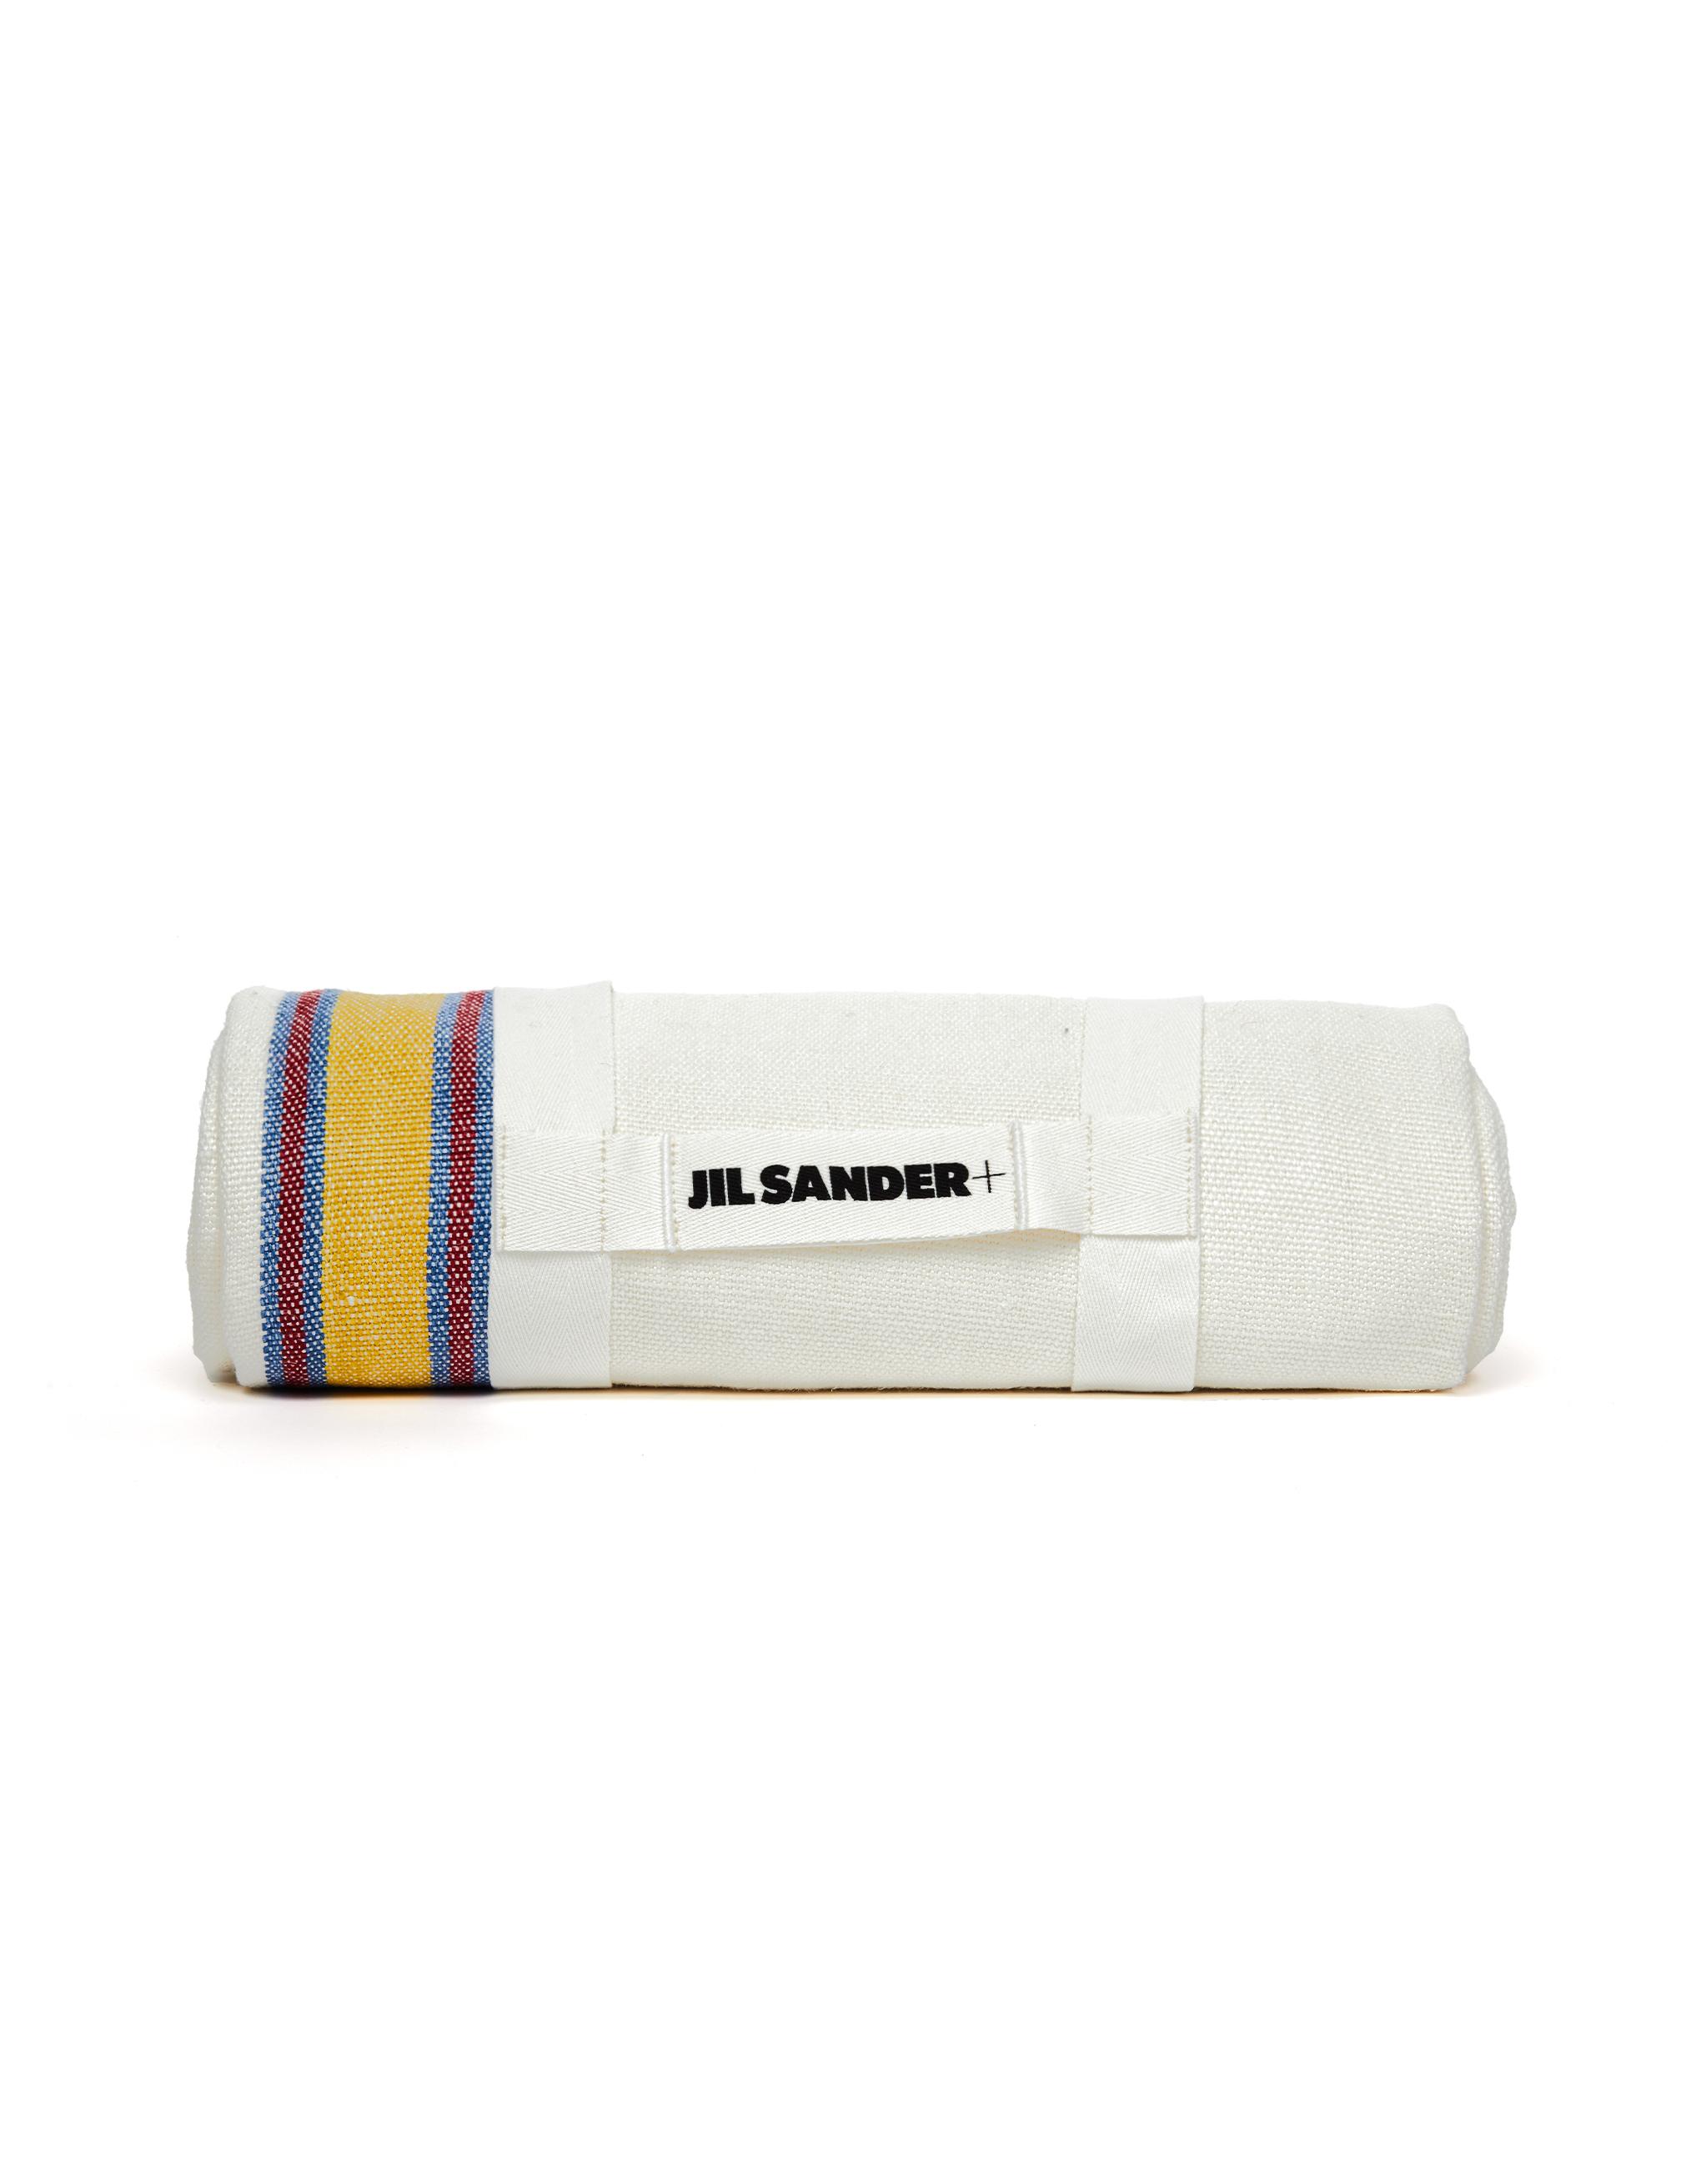 Jil Sander Striped Beige Linen Blanket